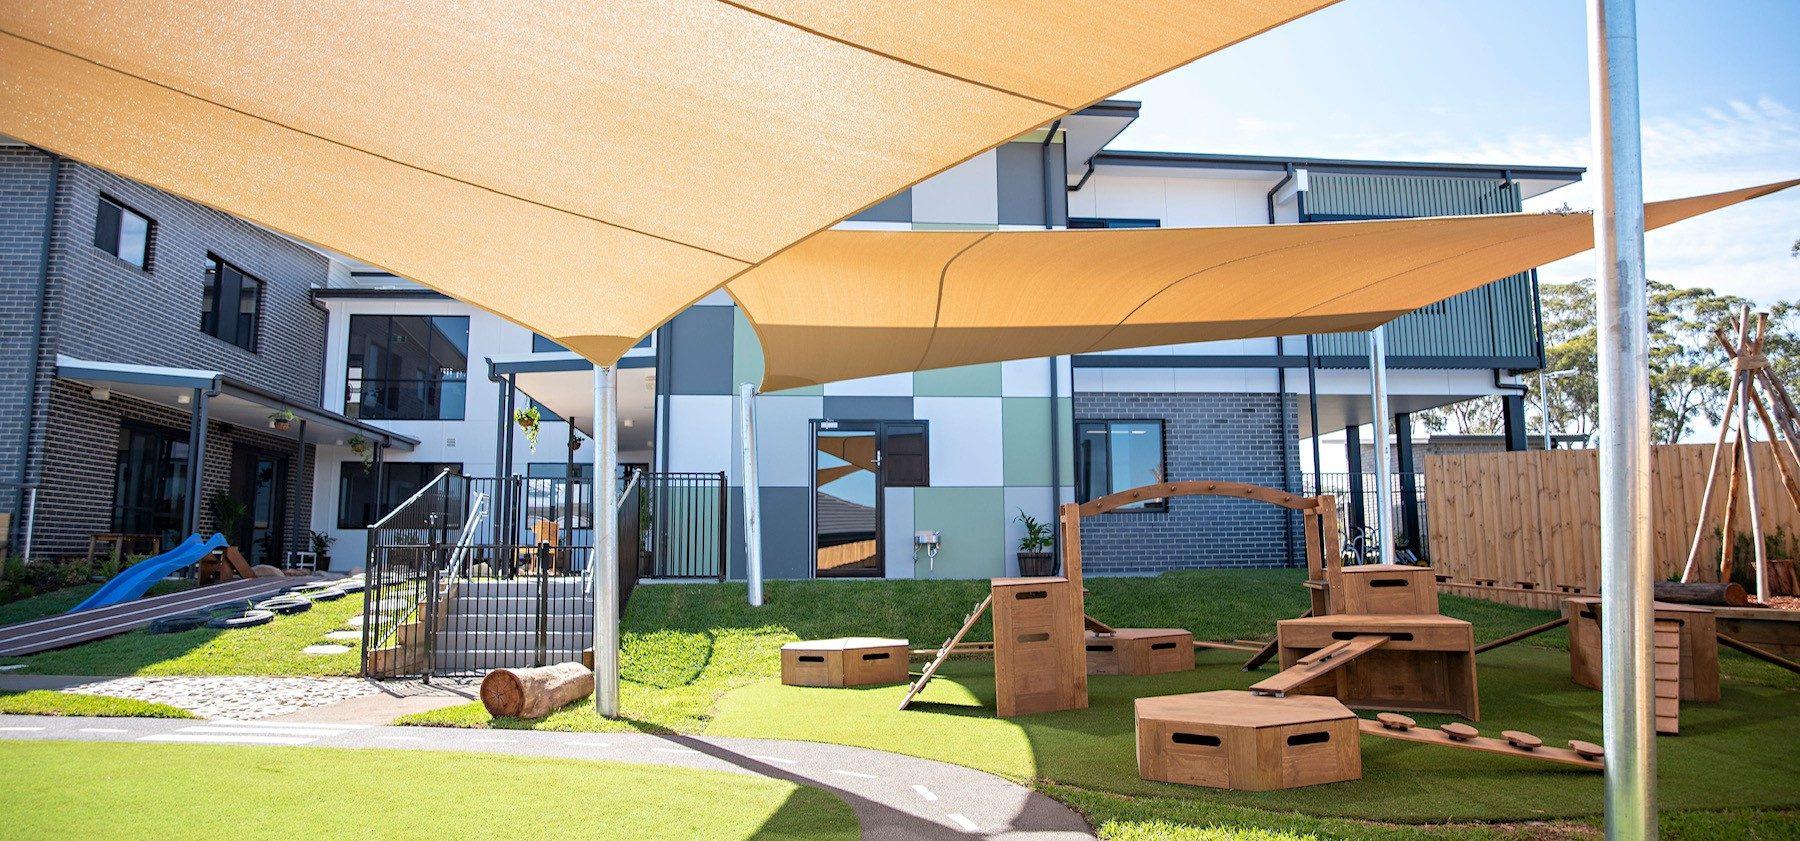 Elderslie Childcare Exterior Play Area